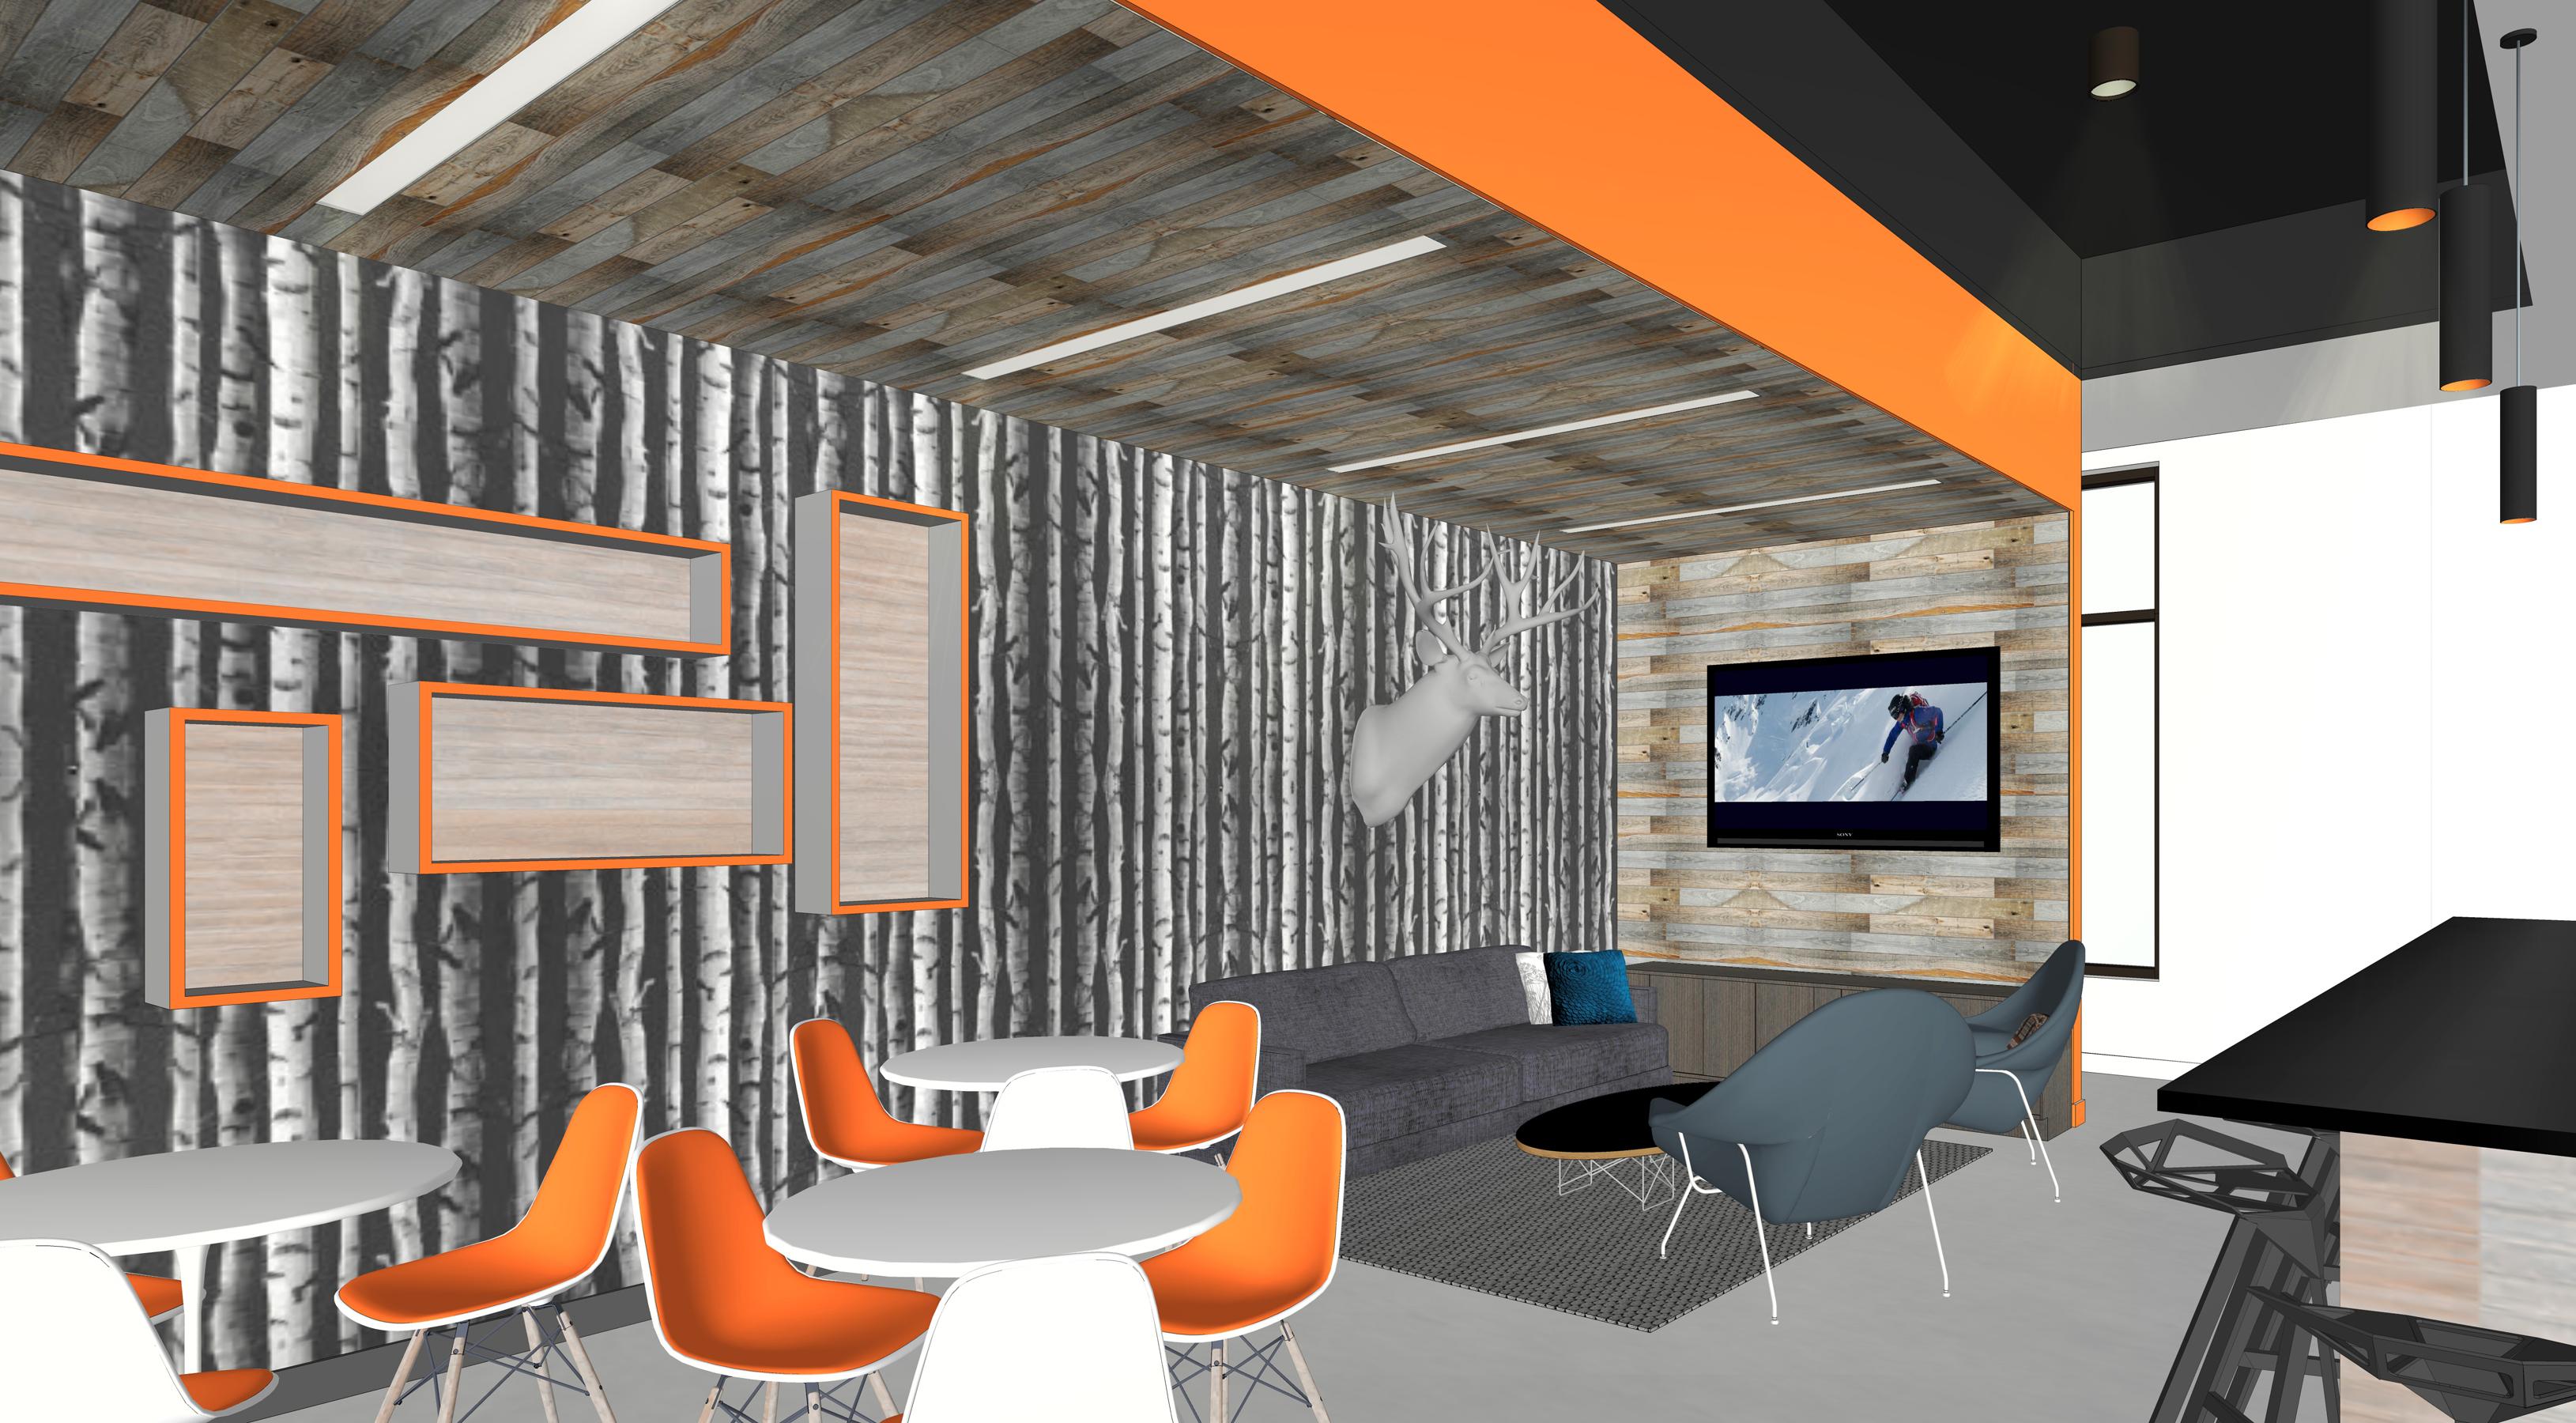 Snobahn ski + snowboard open studio architecture OSA indoor skiing lounge